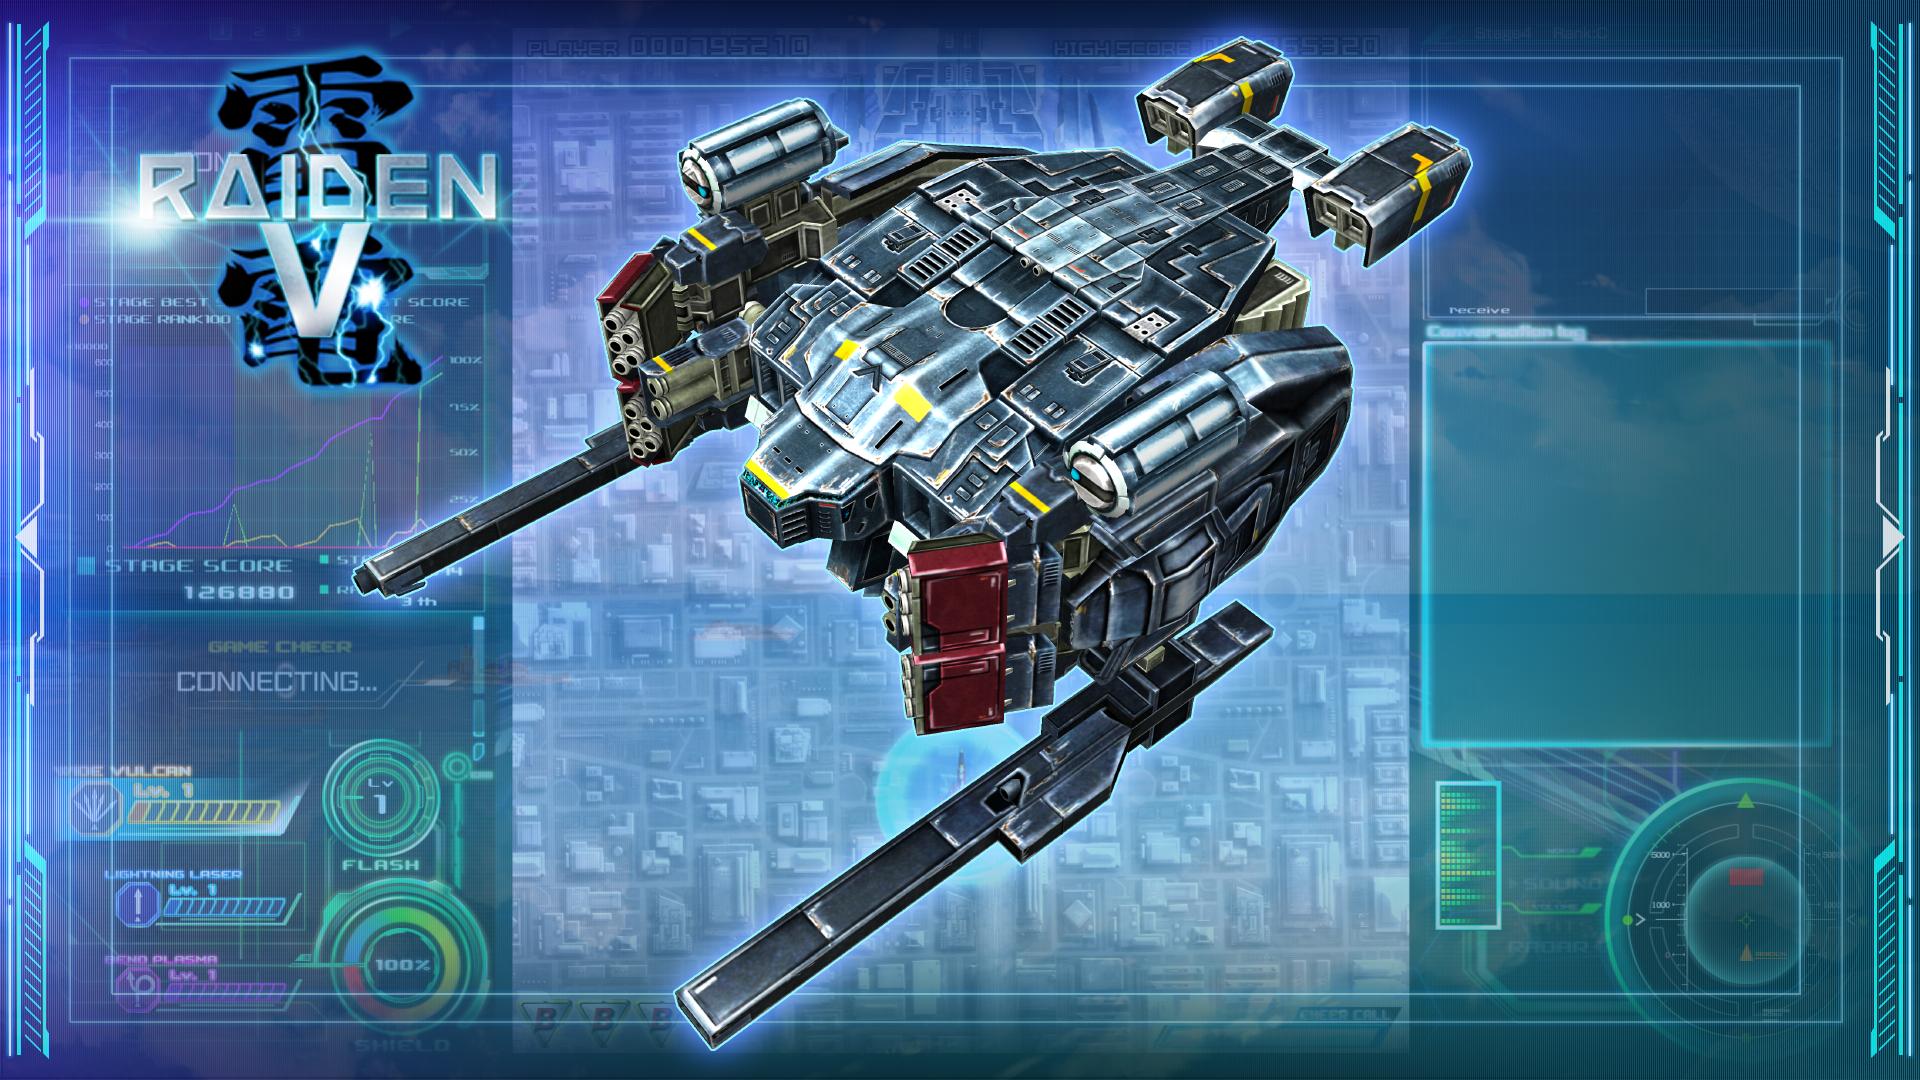 オペレーション4 ステージ4ボス撃破 achievement for Raiden V on Xbox One